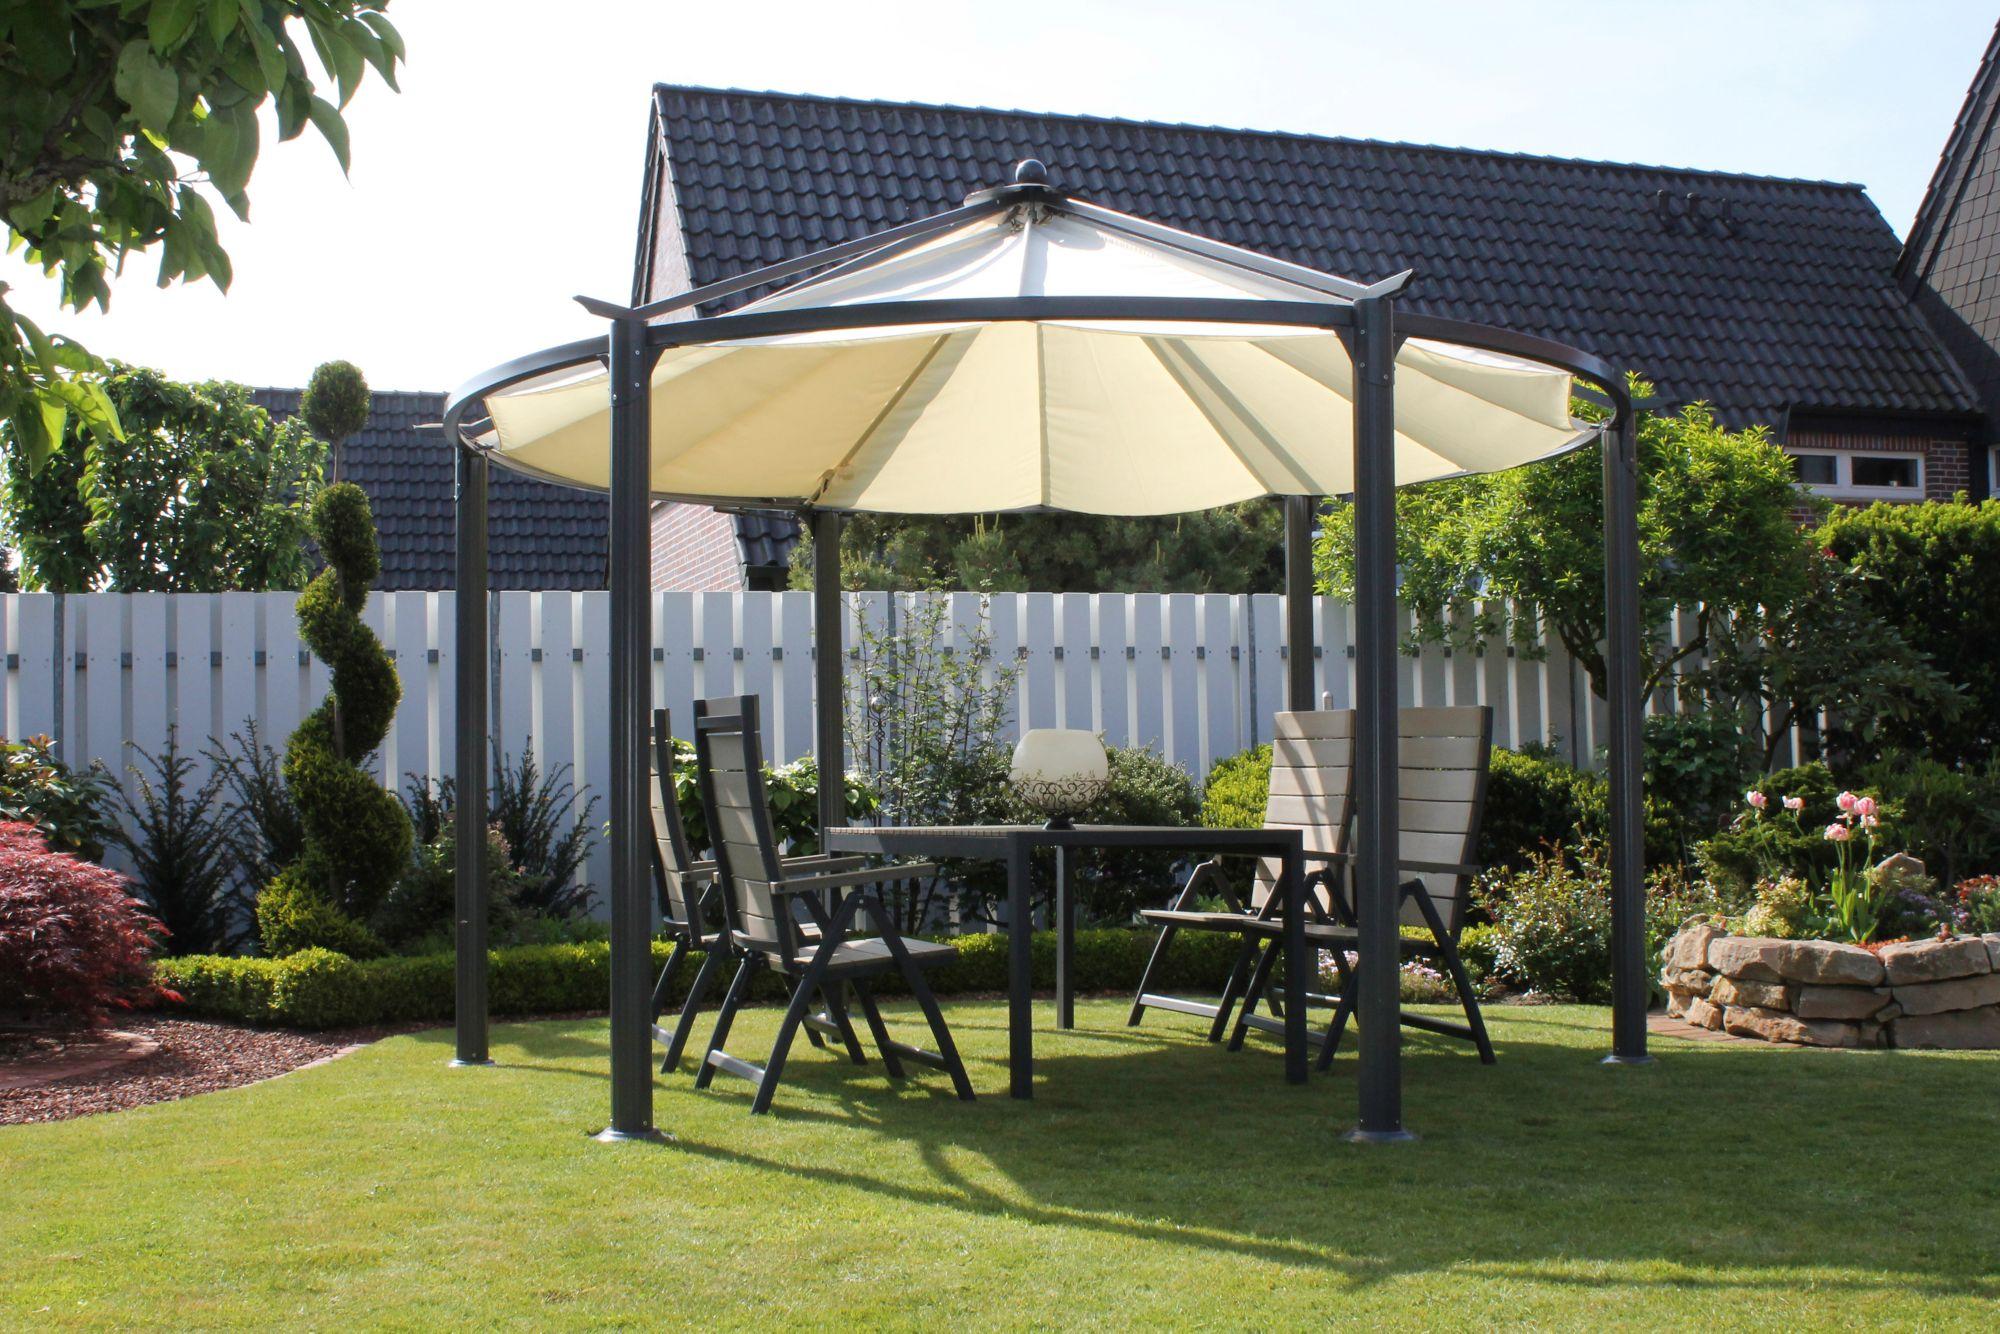 pavillon g nstig online kaufen beim schwab versand. Black Bedroom Furniture Sets. Home Design Ideas